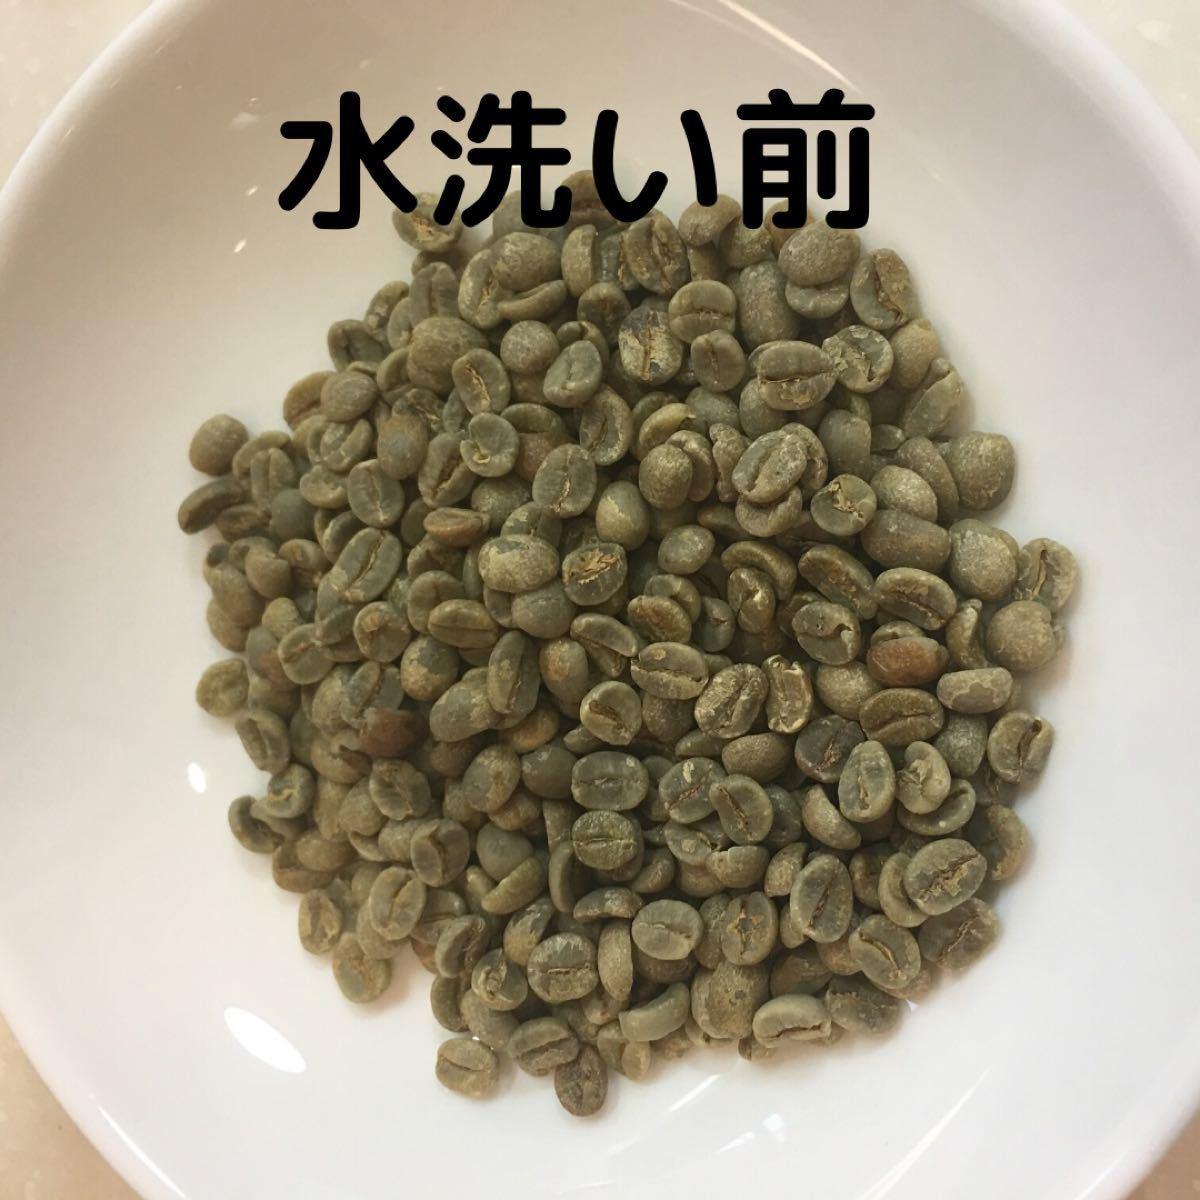 自家焙煎 深煎りブレンド 400g(豆又は粉)匿名配送参